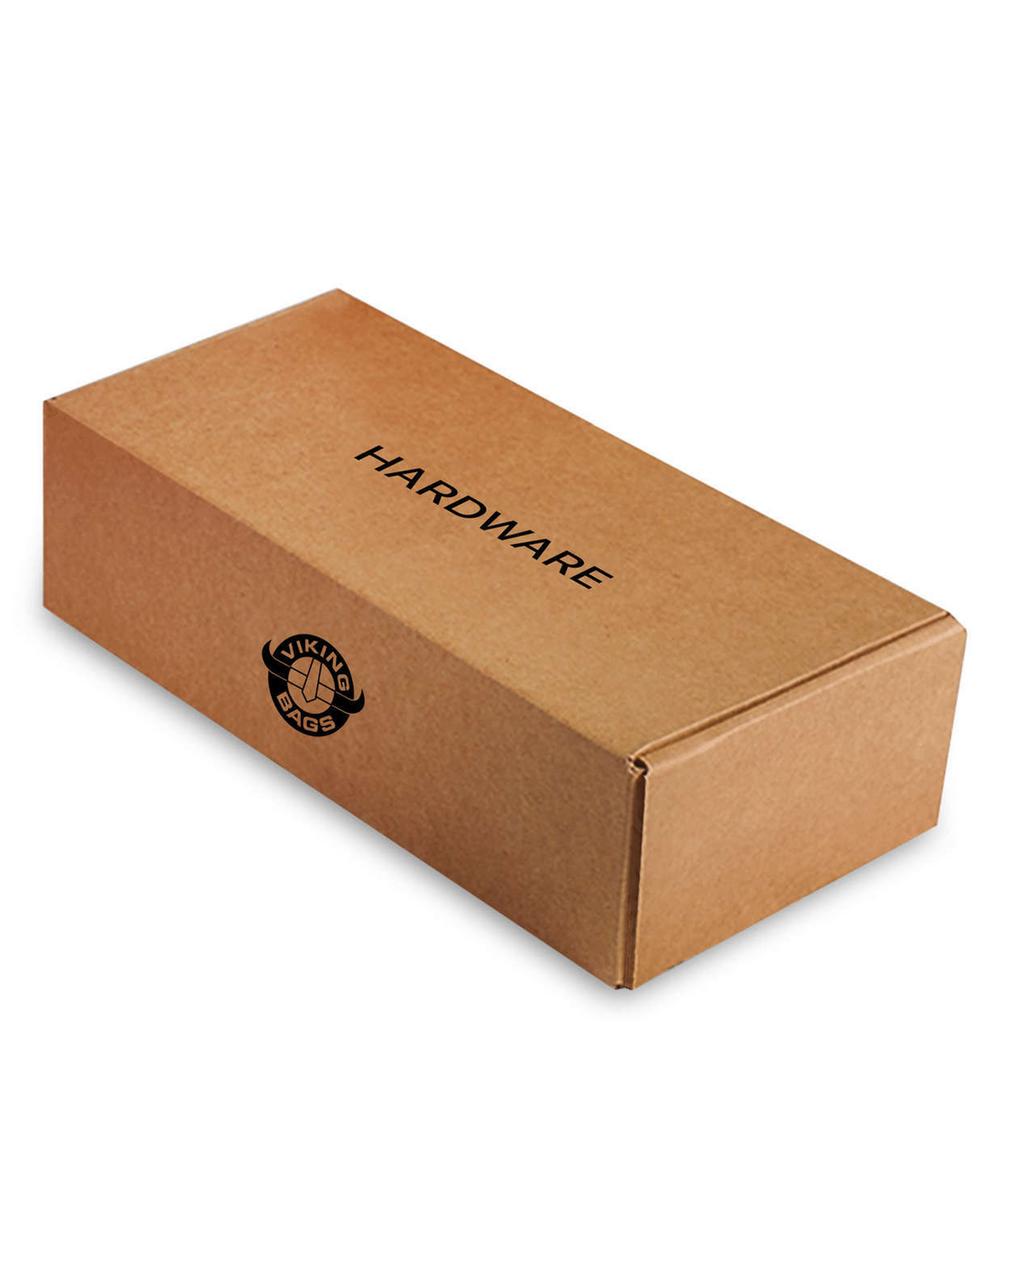 Triumph Rocket III Range Viking Lamellar Large Black Hard Saddlebags Box